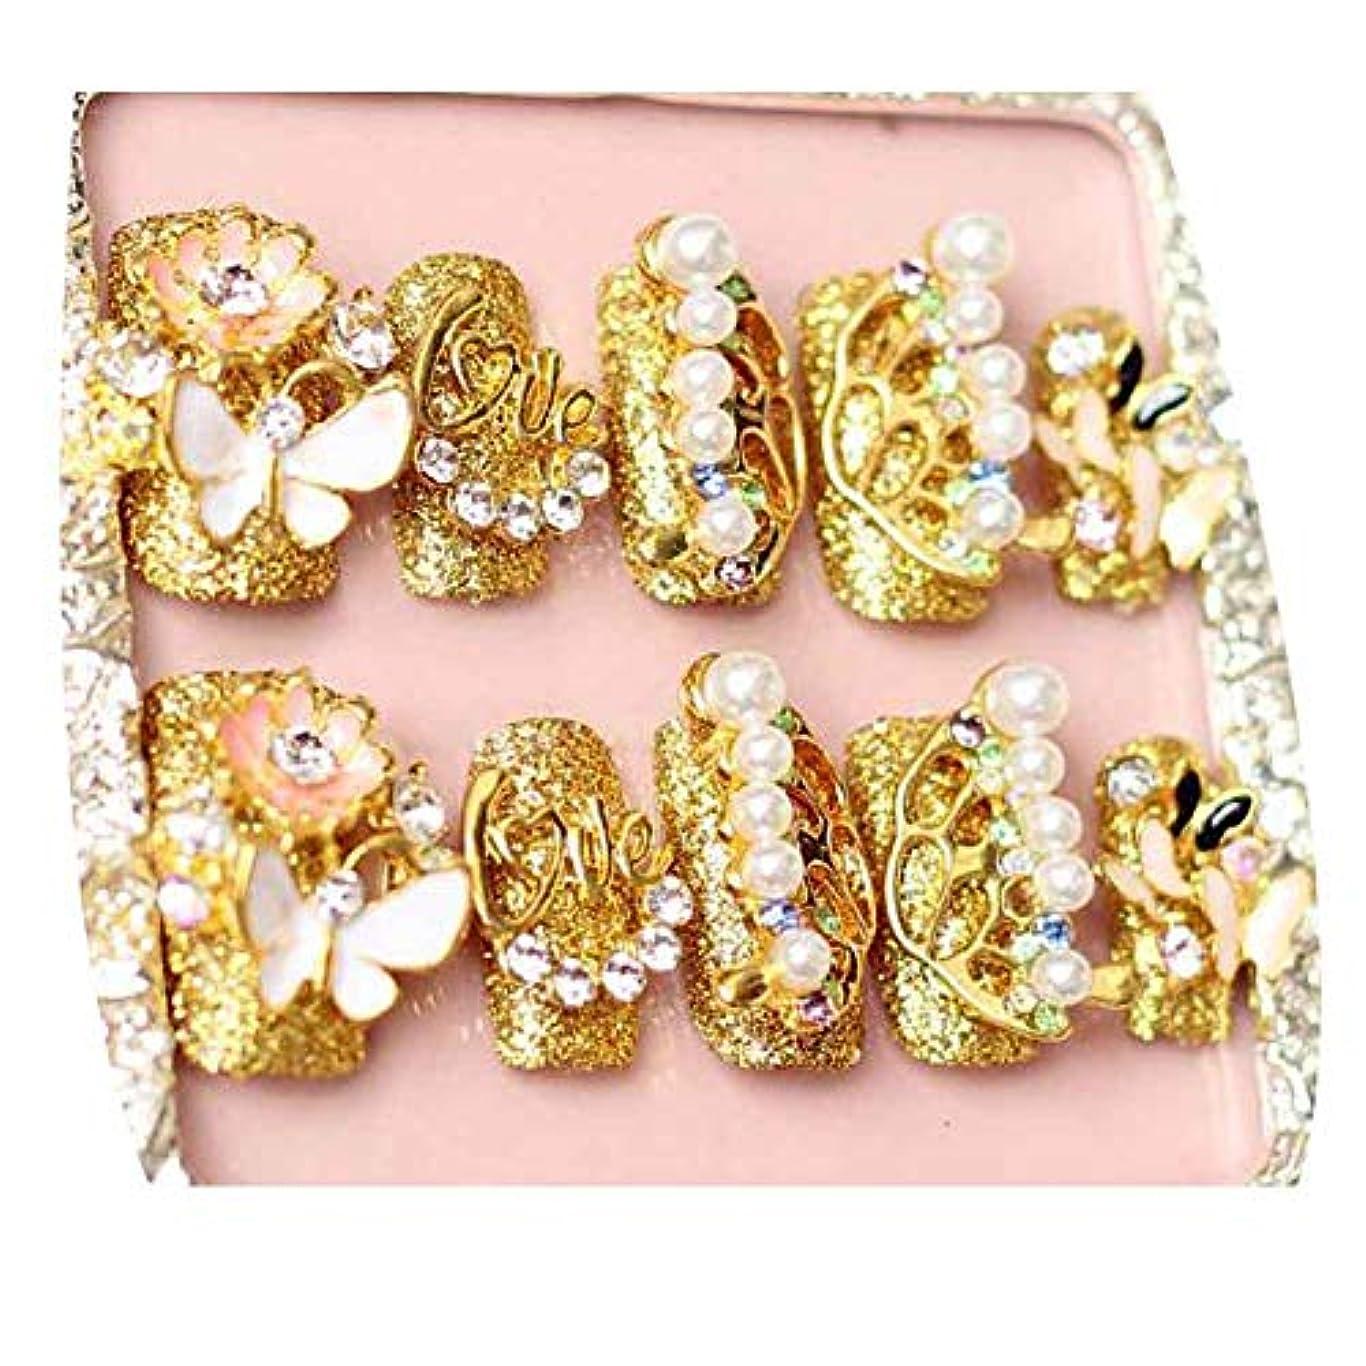 死農業の急行する蝶 - ゴールドカラー偽爪結婚式人工爪のヒントビーズネイルアート